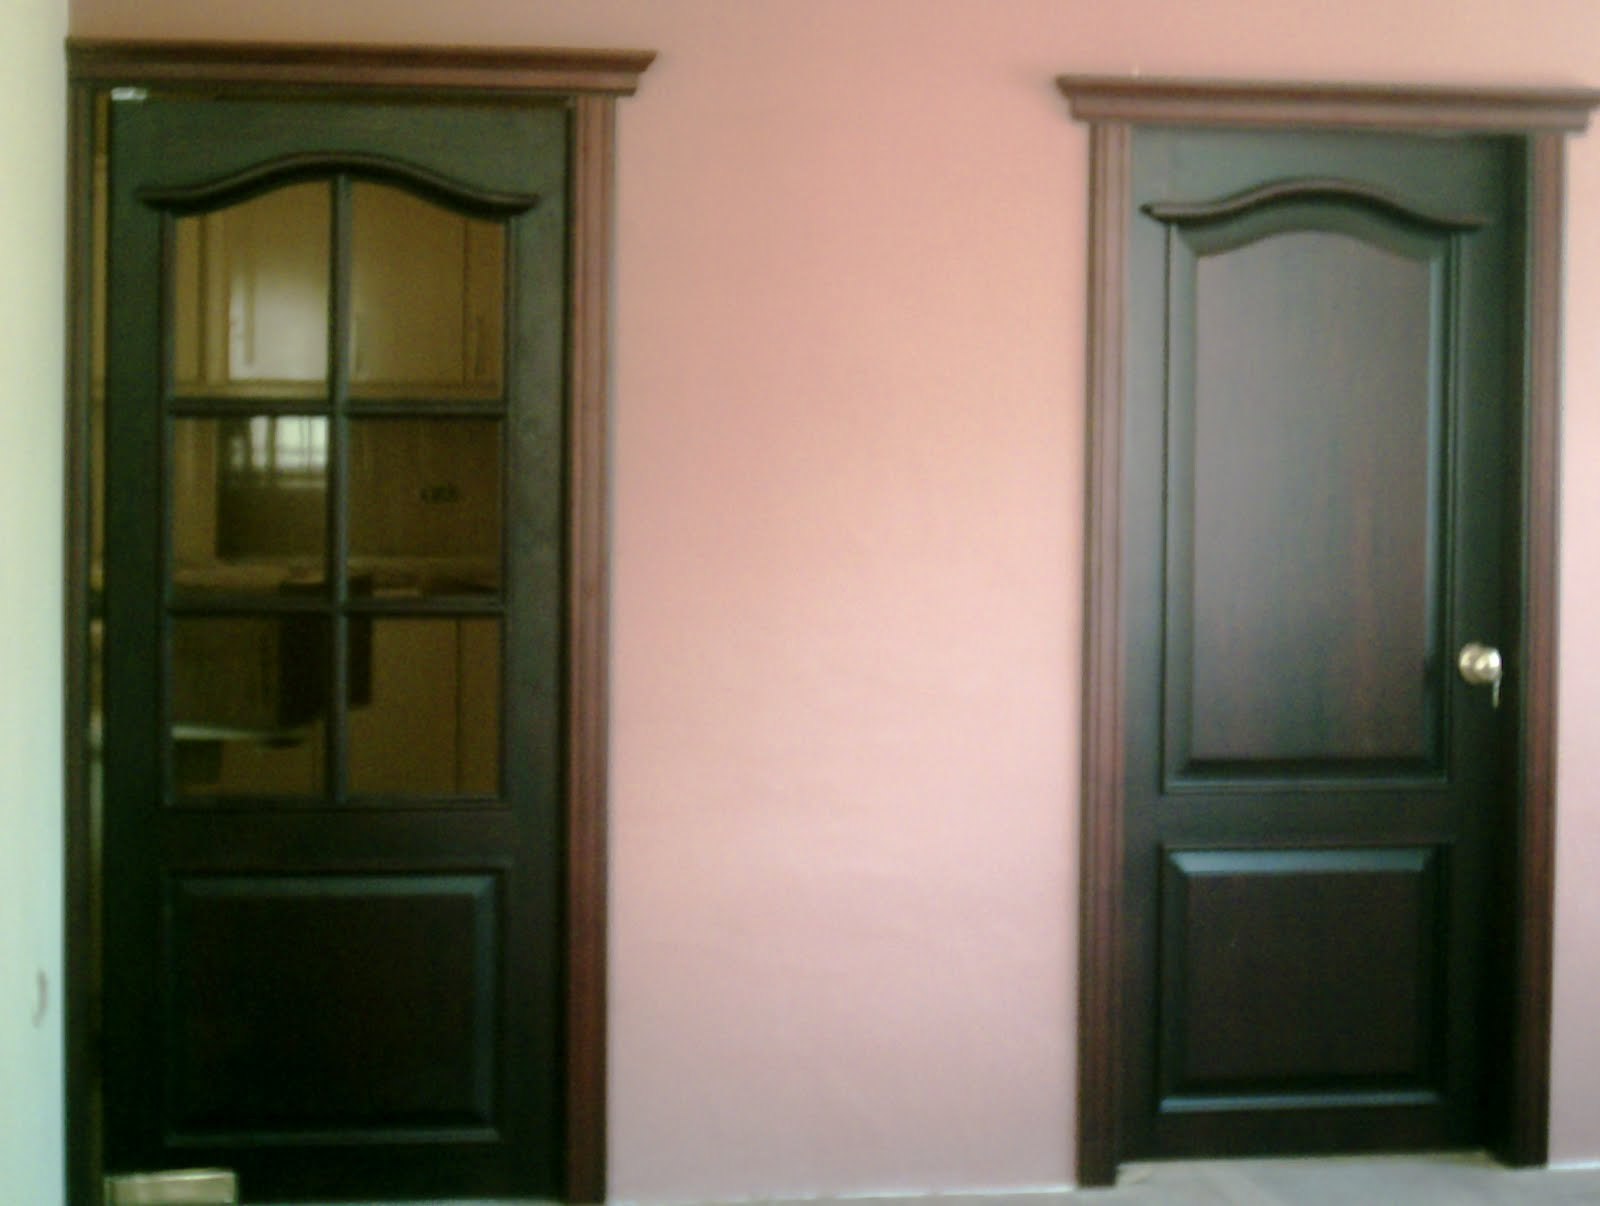 ideatumobiliario puertas interiores y exteriores para su